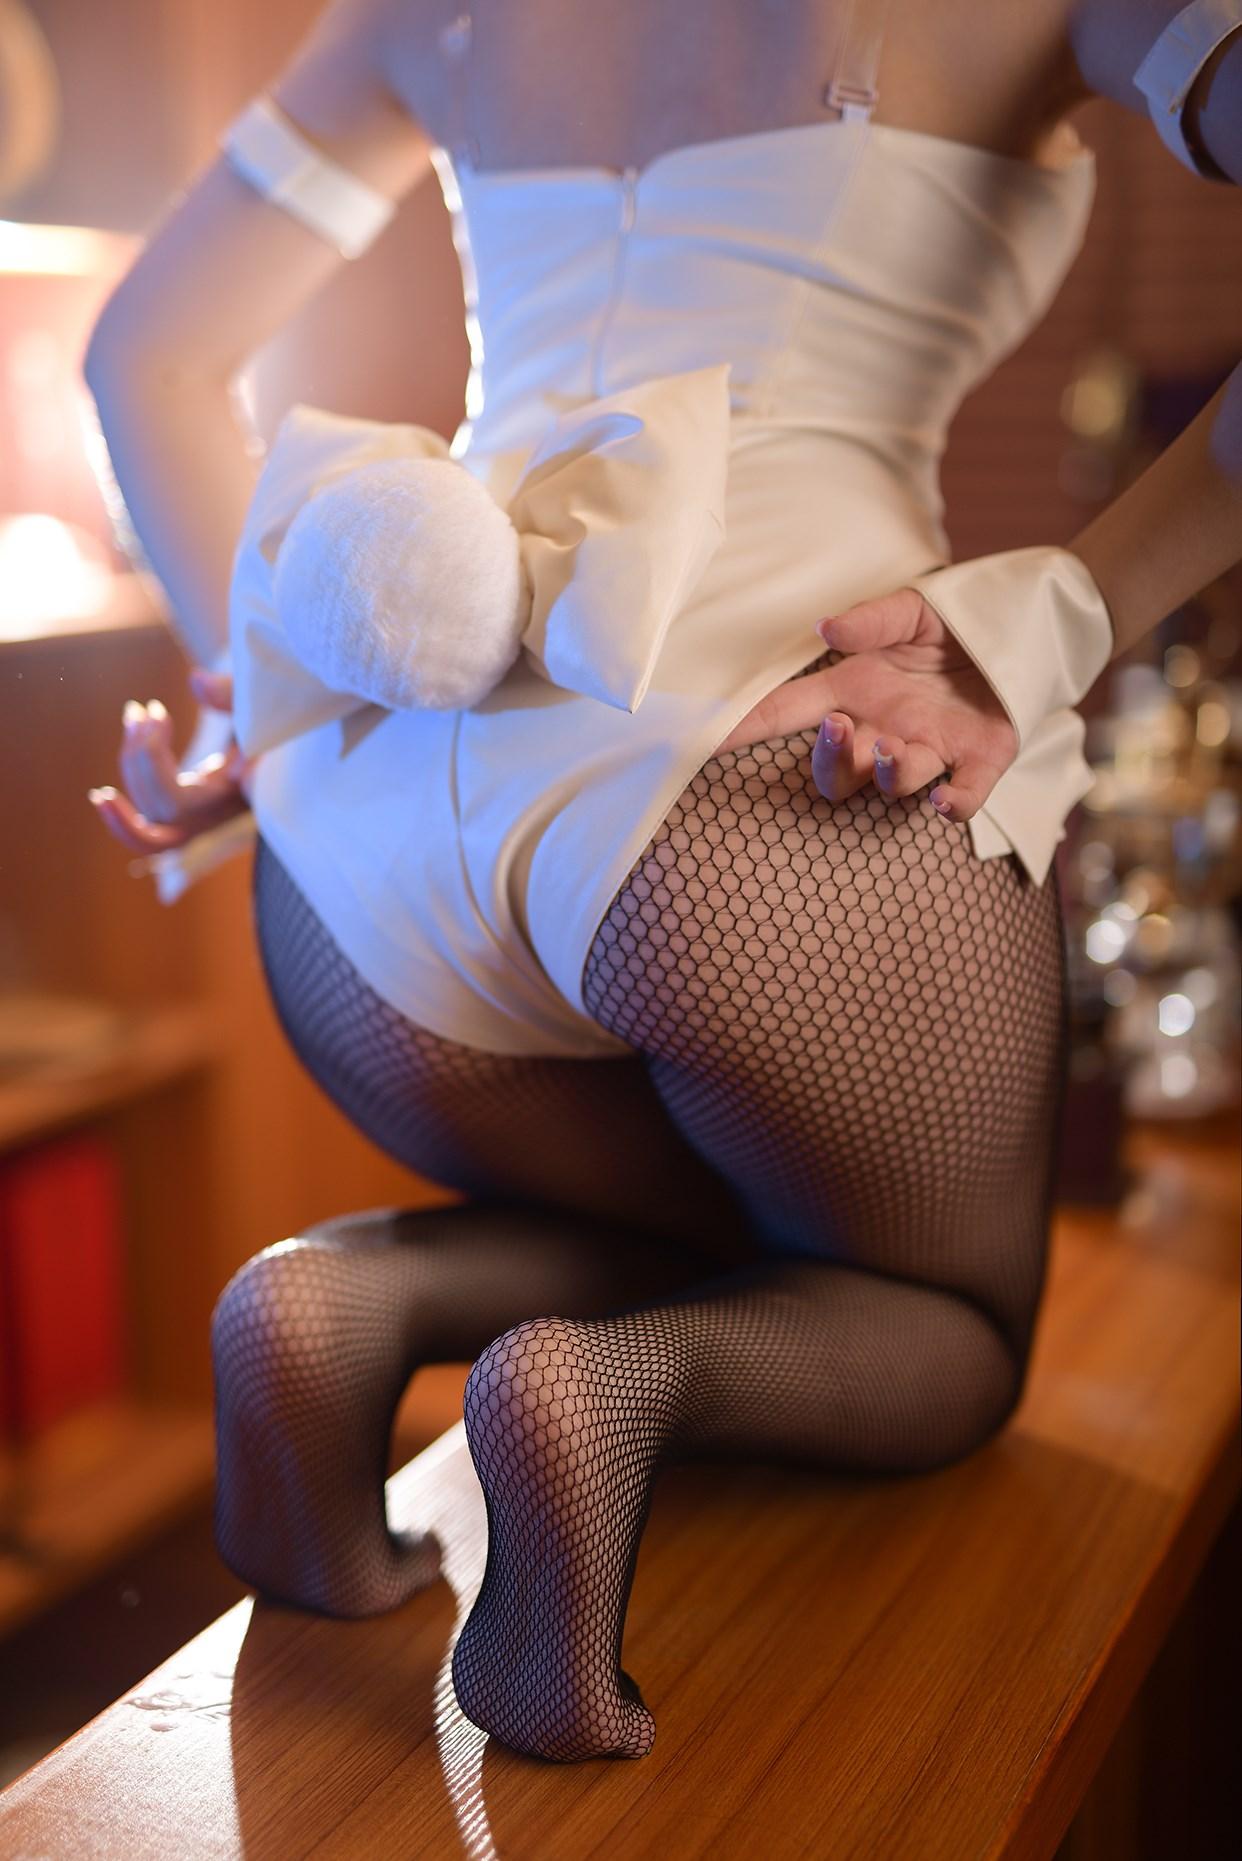 【兔玩映画】兔女郎和睡衣装 兔玩映画 第18张